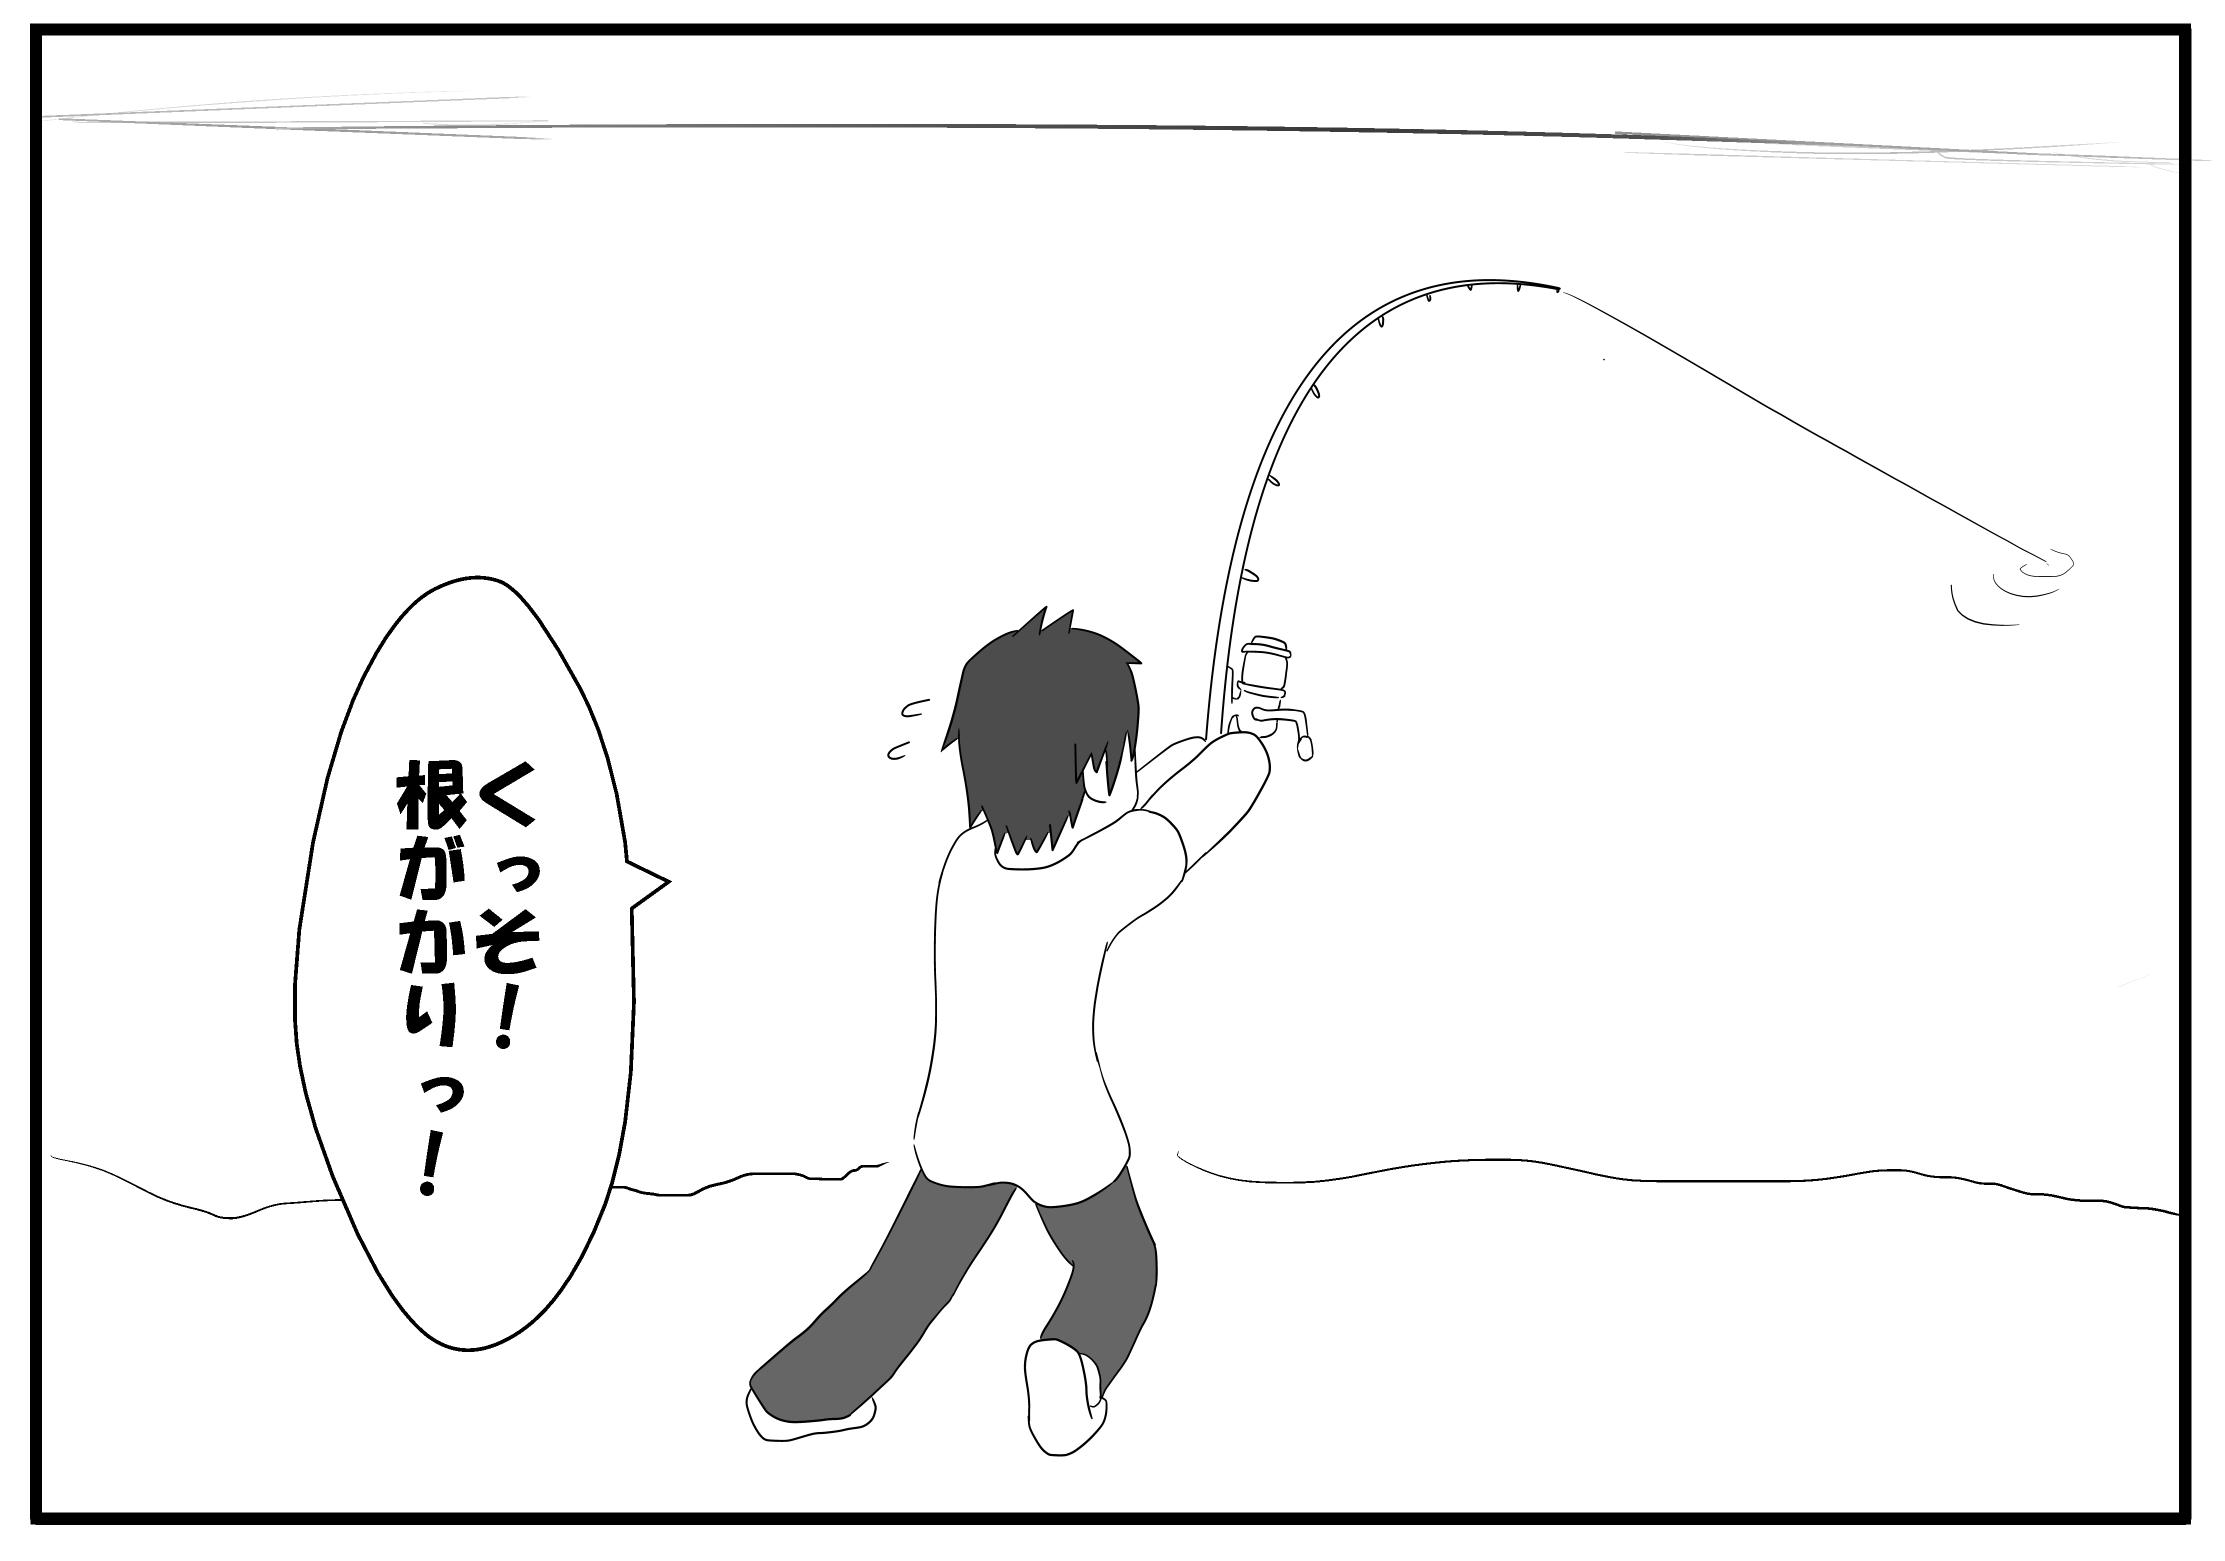 ボート 作成用 - コピー